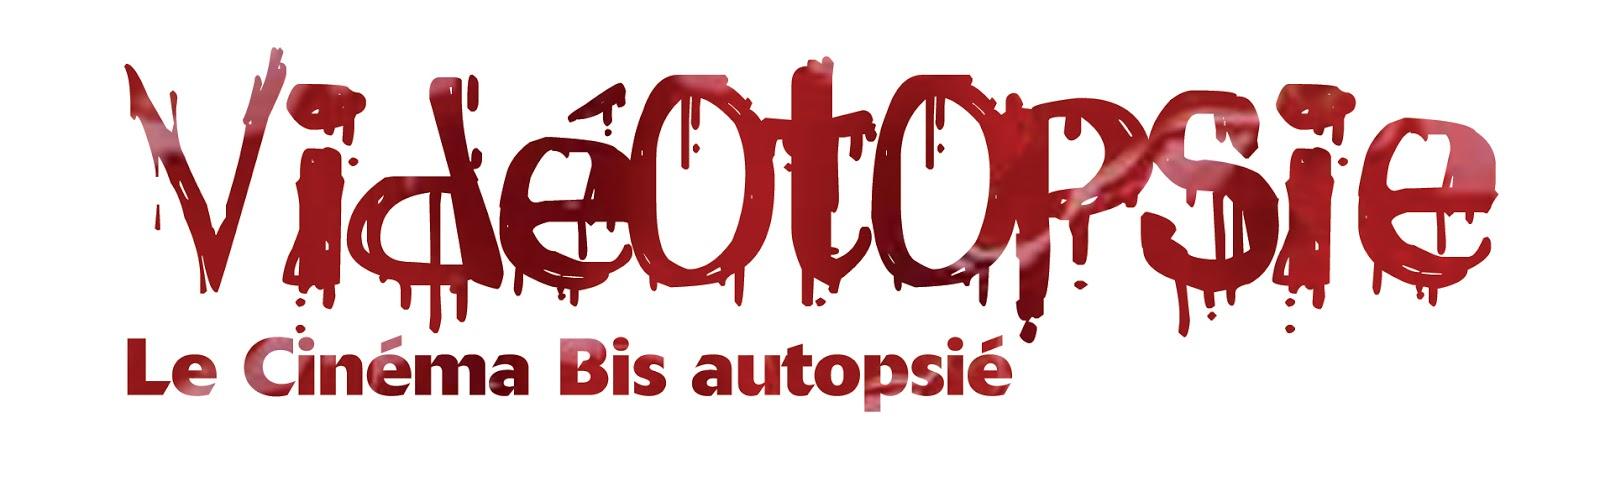 Logo%2BVideotopsie.jpg